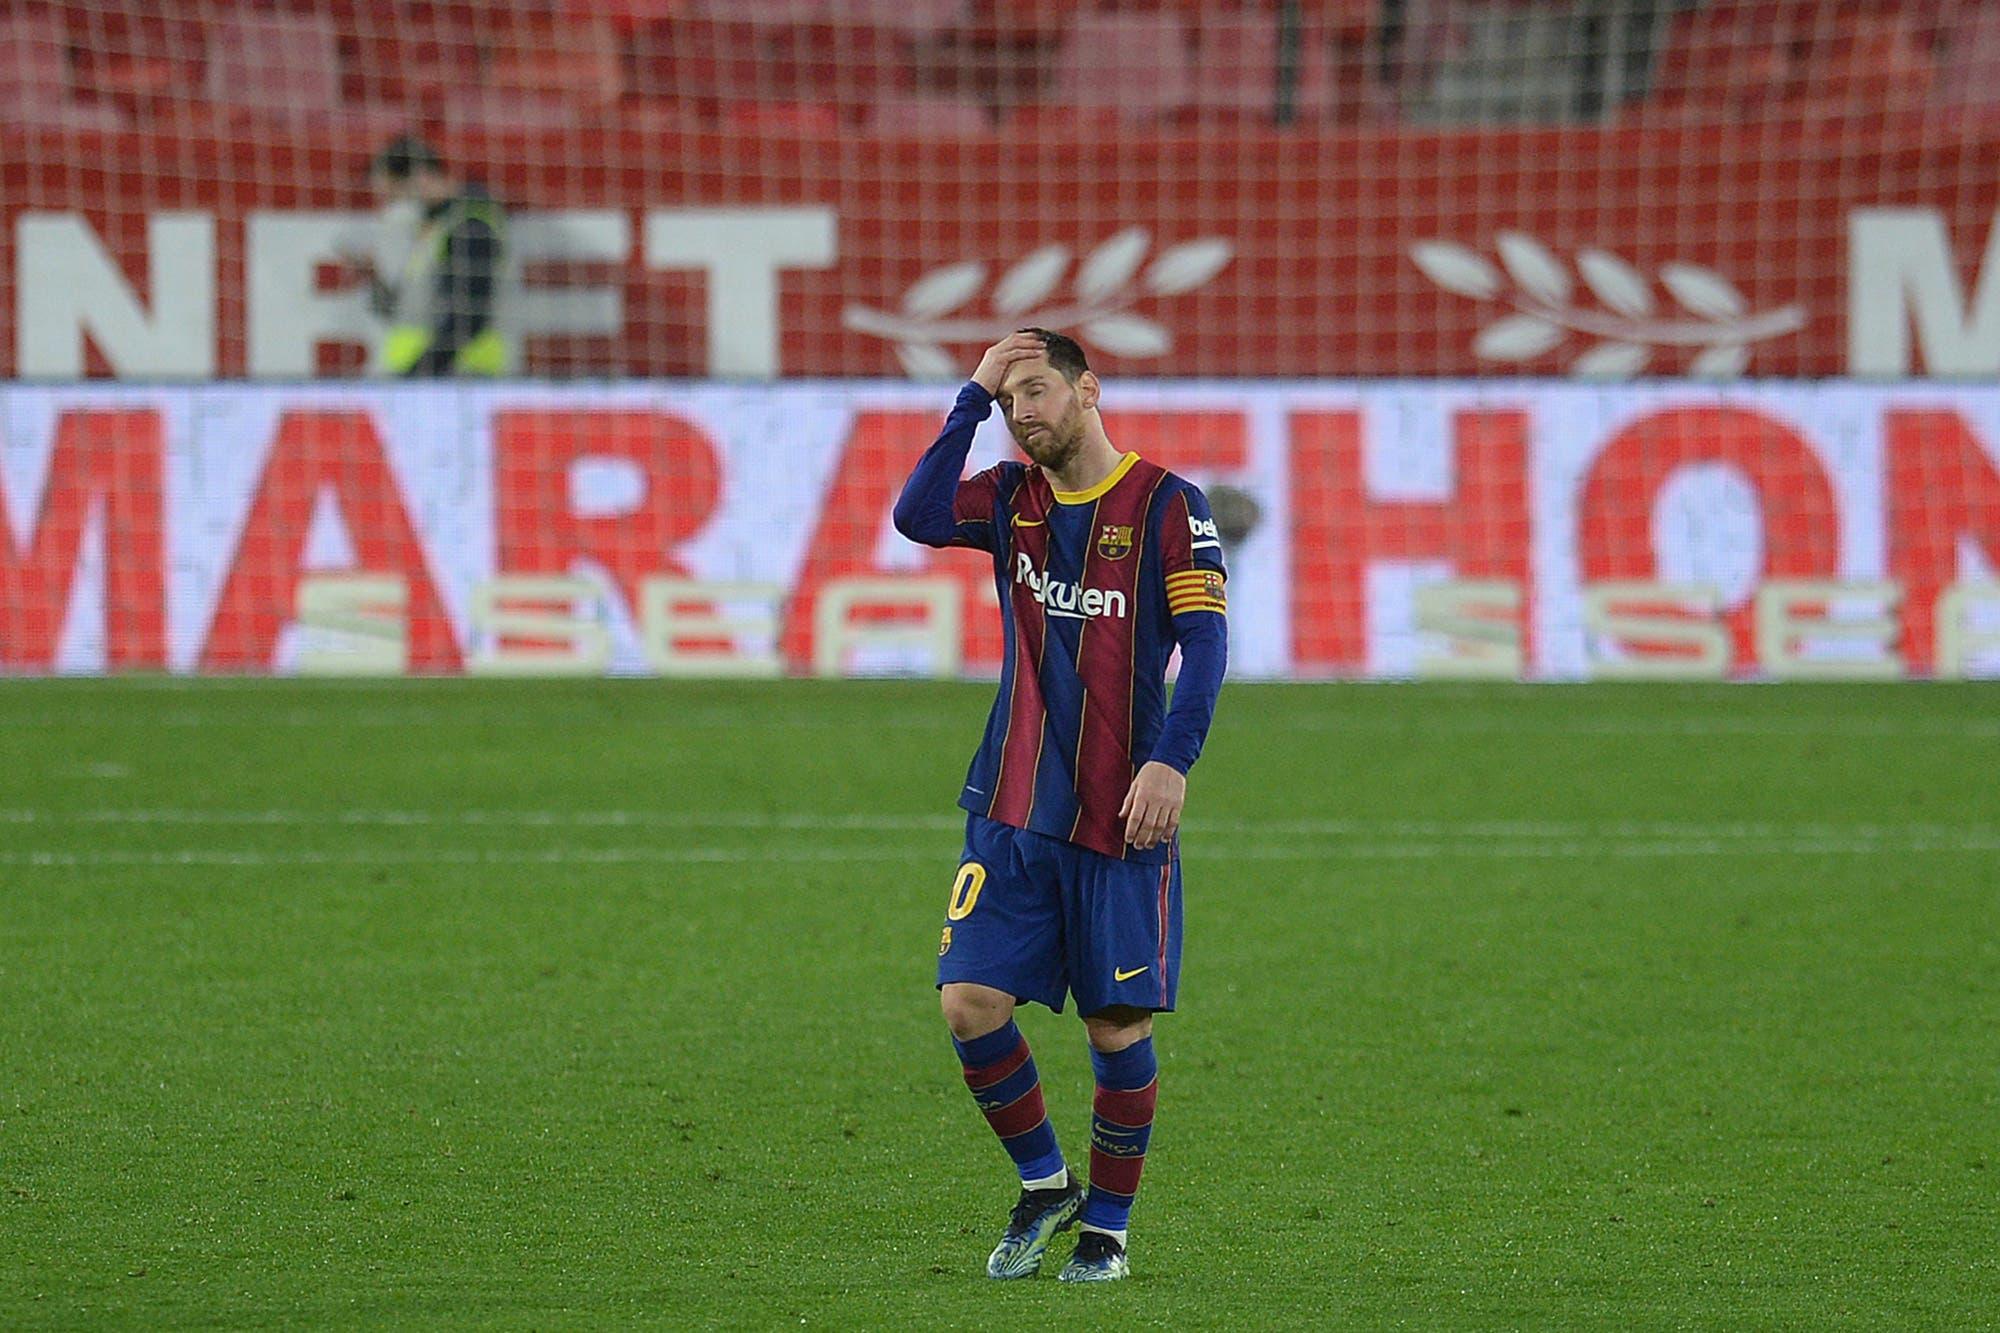 Copa del Rey. El partido 900 de Messi fue sin gol ante Sevilla, que le ganó 2-0 la primera semifinal a Barcelona